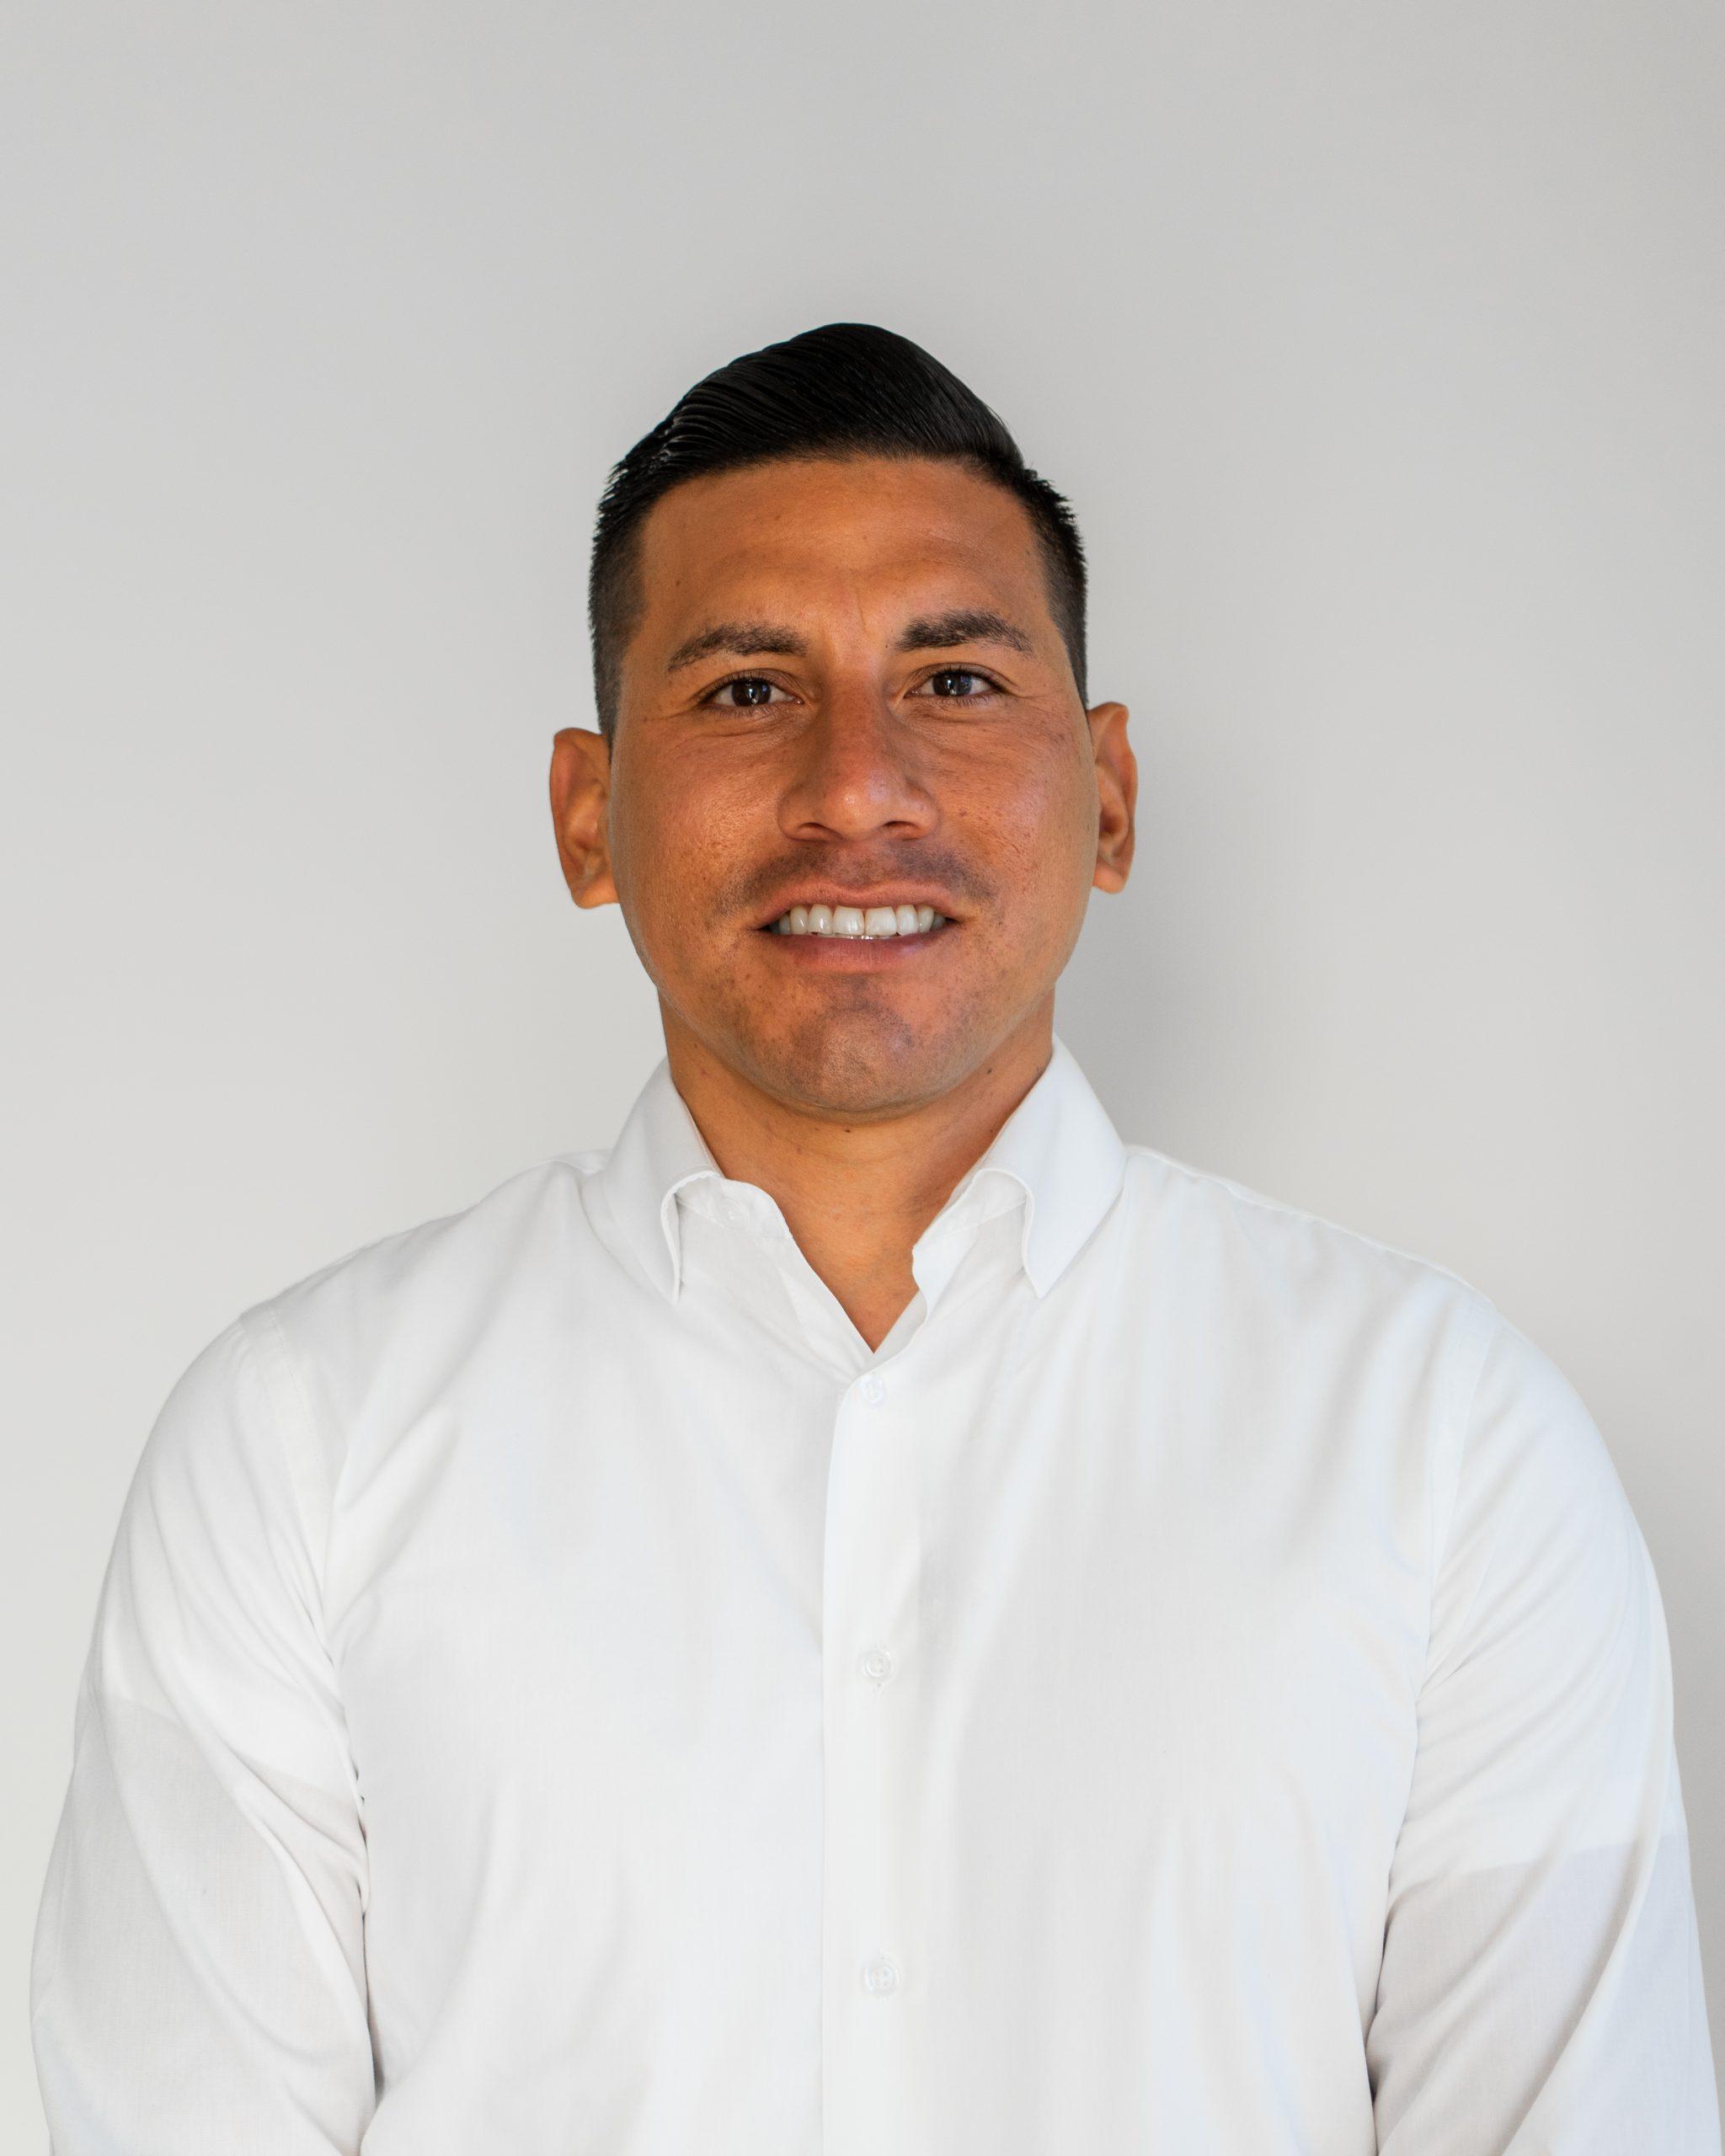 Eduardo Cardenas